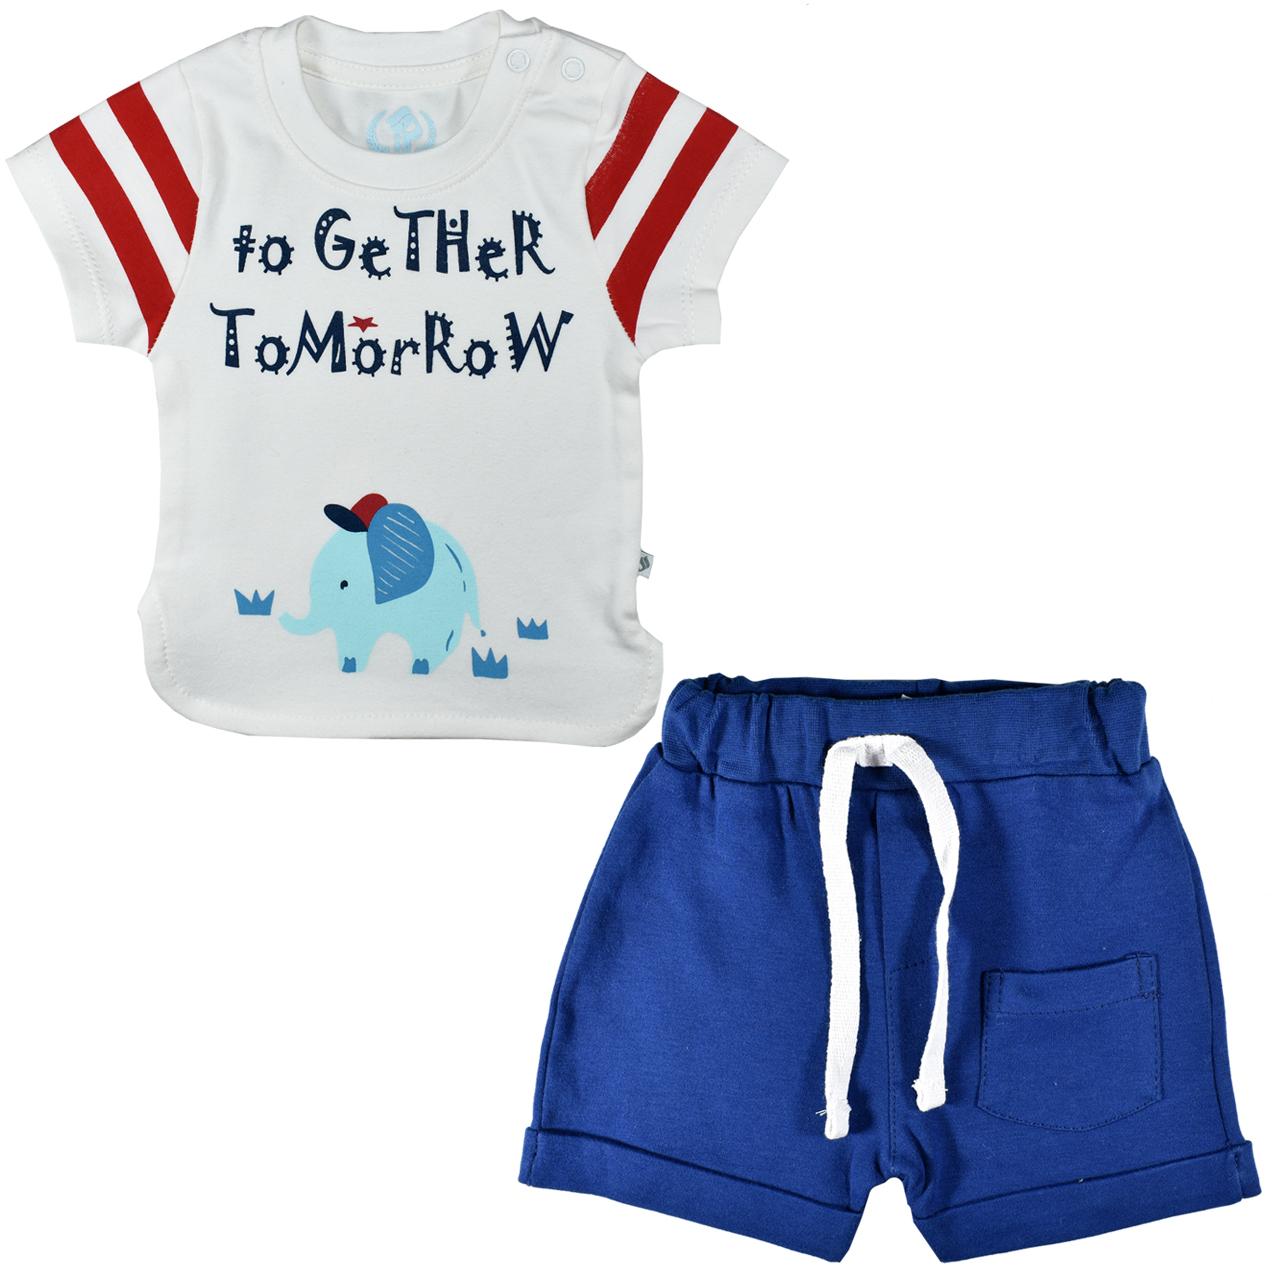 ست تیشرت و شلوارک نوزادی پوشیران کد 5511